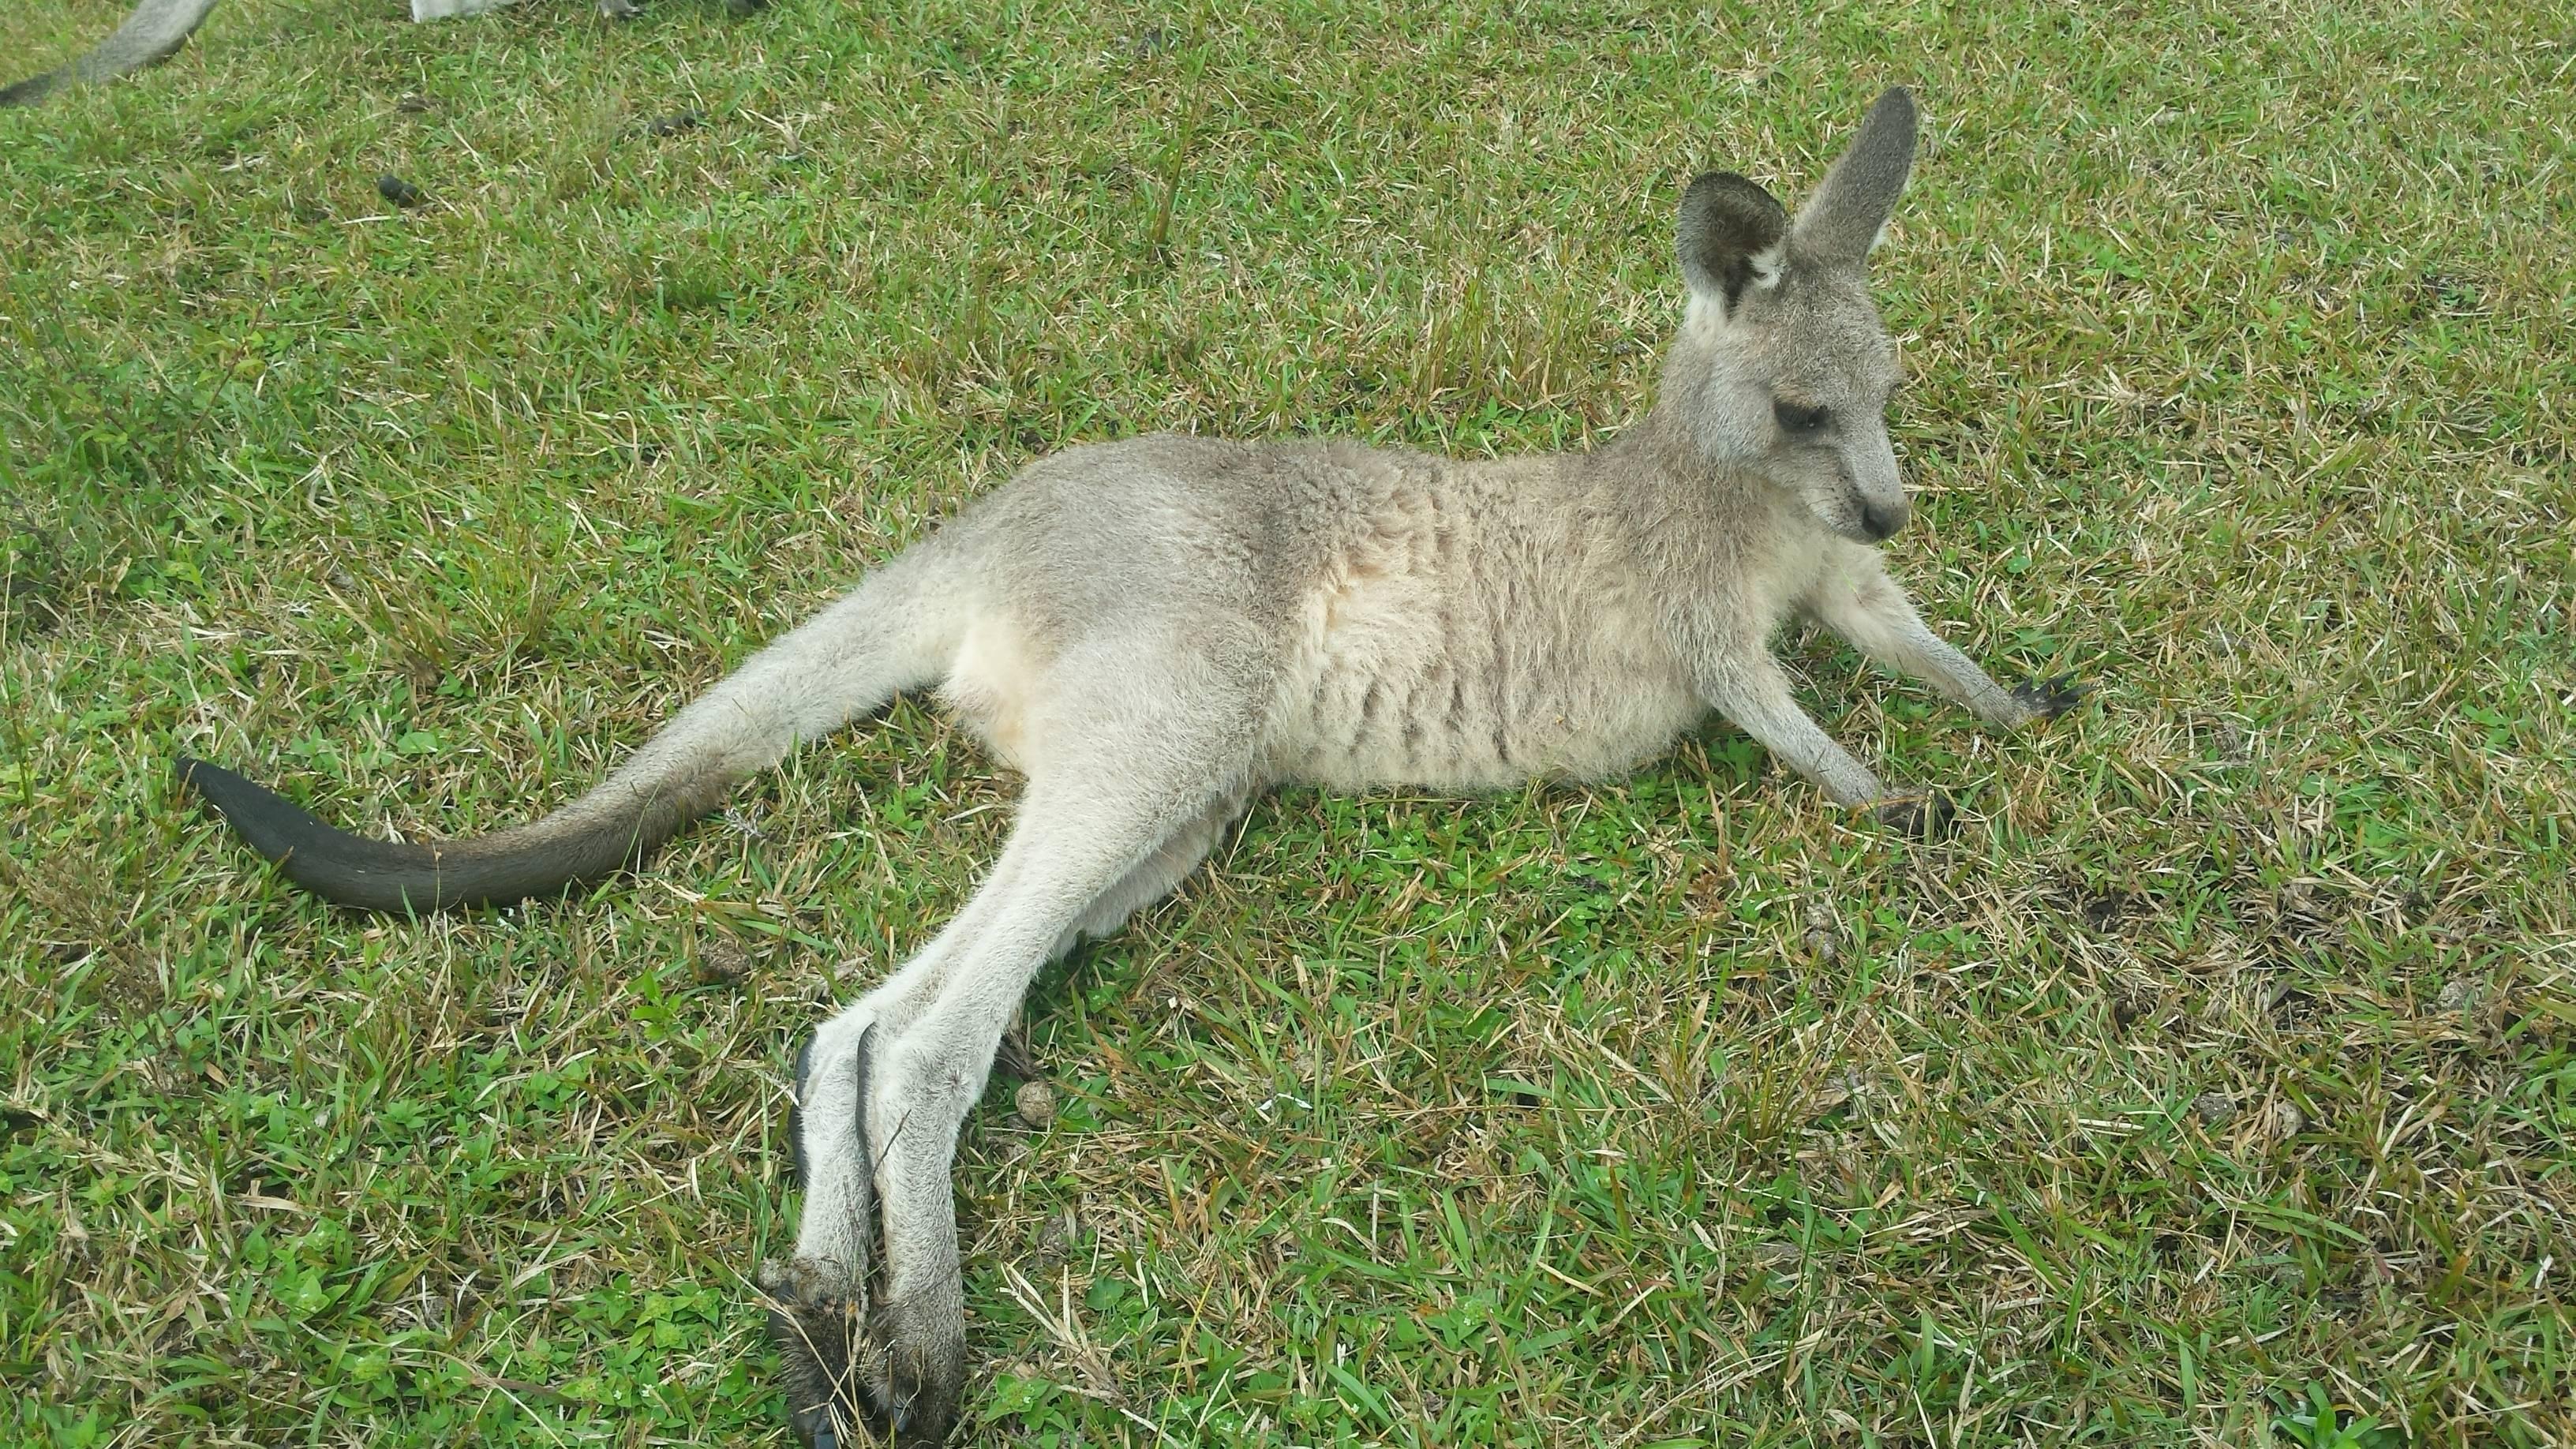 Photo 3: Morisset park à la rencontre des kangourous.